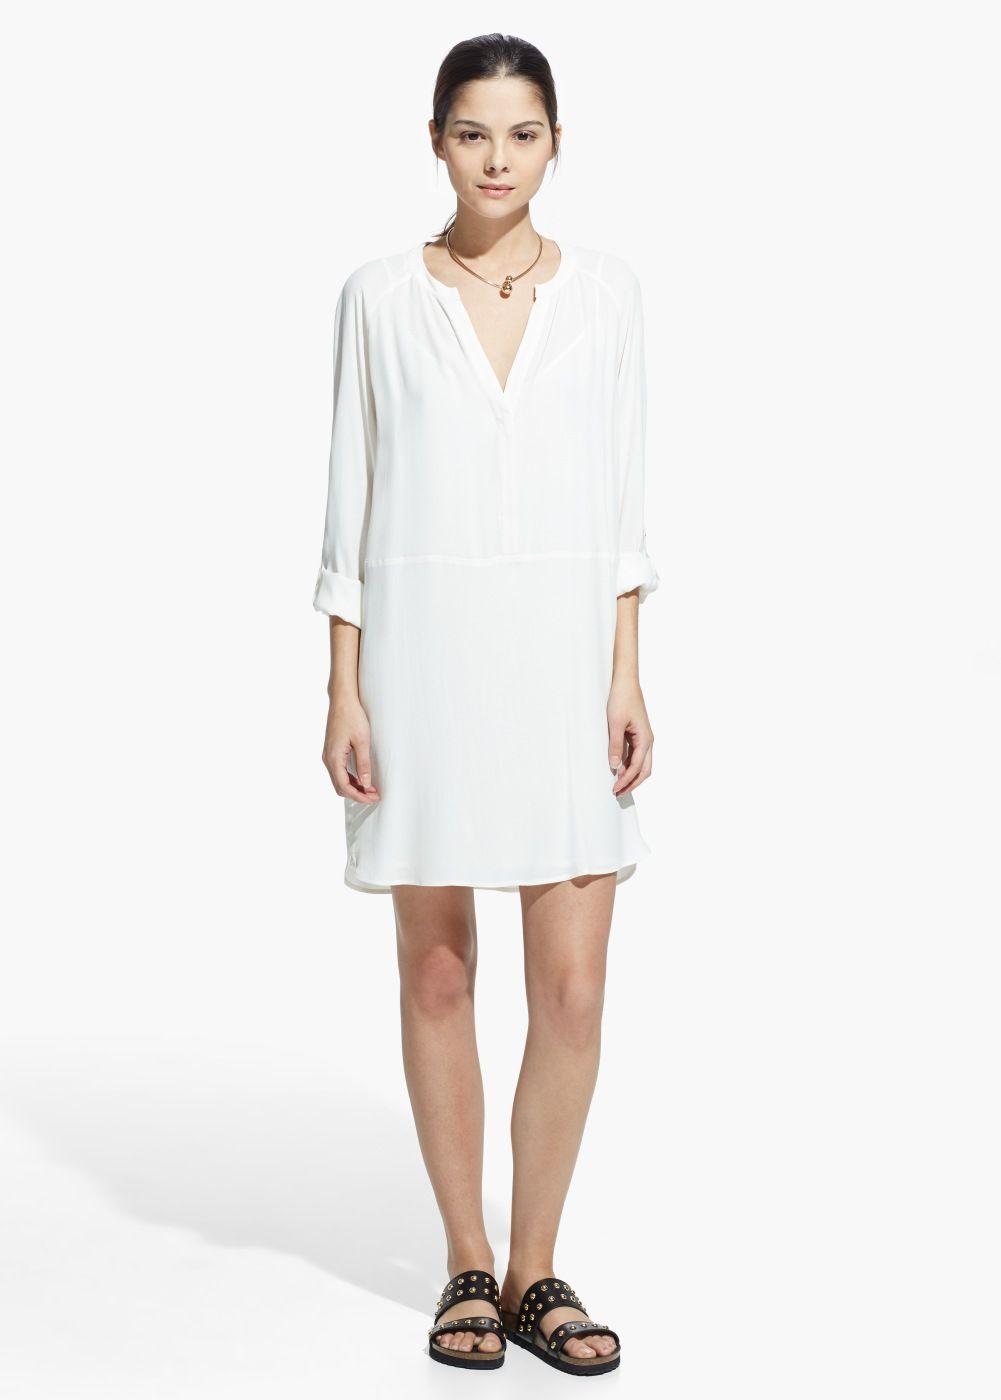 Gomlek Elbise Kadin Mango Turkiye Gomlek Elbise The Dress Kadin